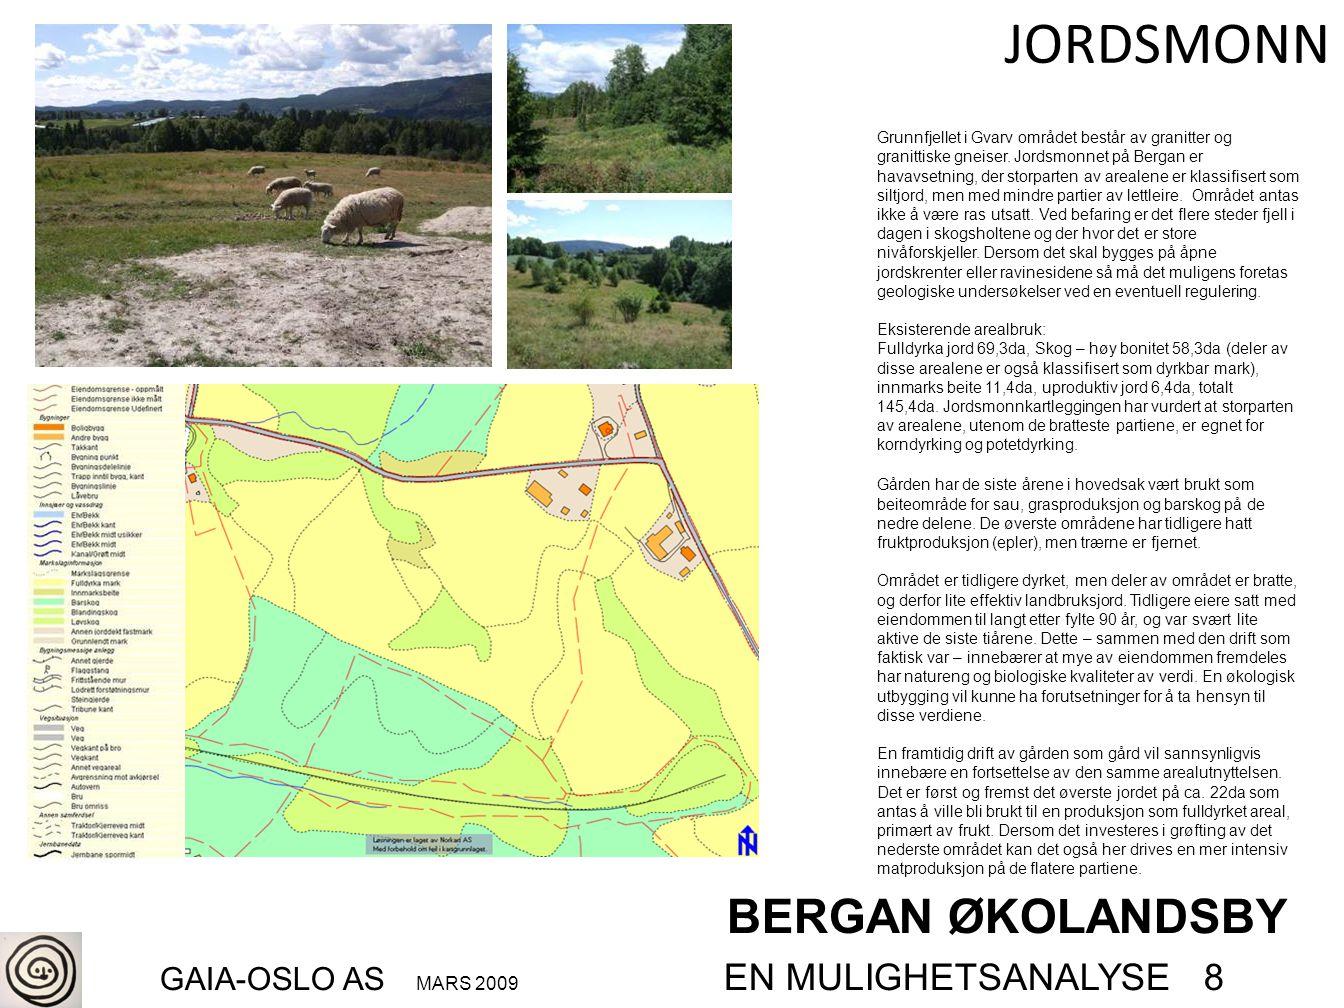 JORDSMONN BERGAN ØKOLANDSBY GAIA-OSLO AS MARS 2009 EN MULIGHETSANALYSE 8 Grunnfjellet i Gvarv området består av granitter og granittiske gneiser. Jord